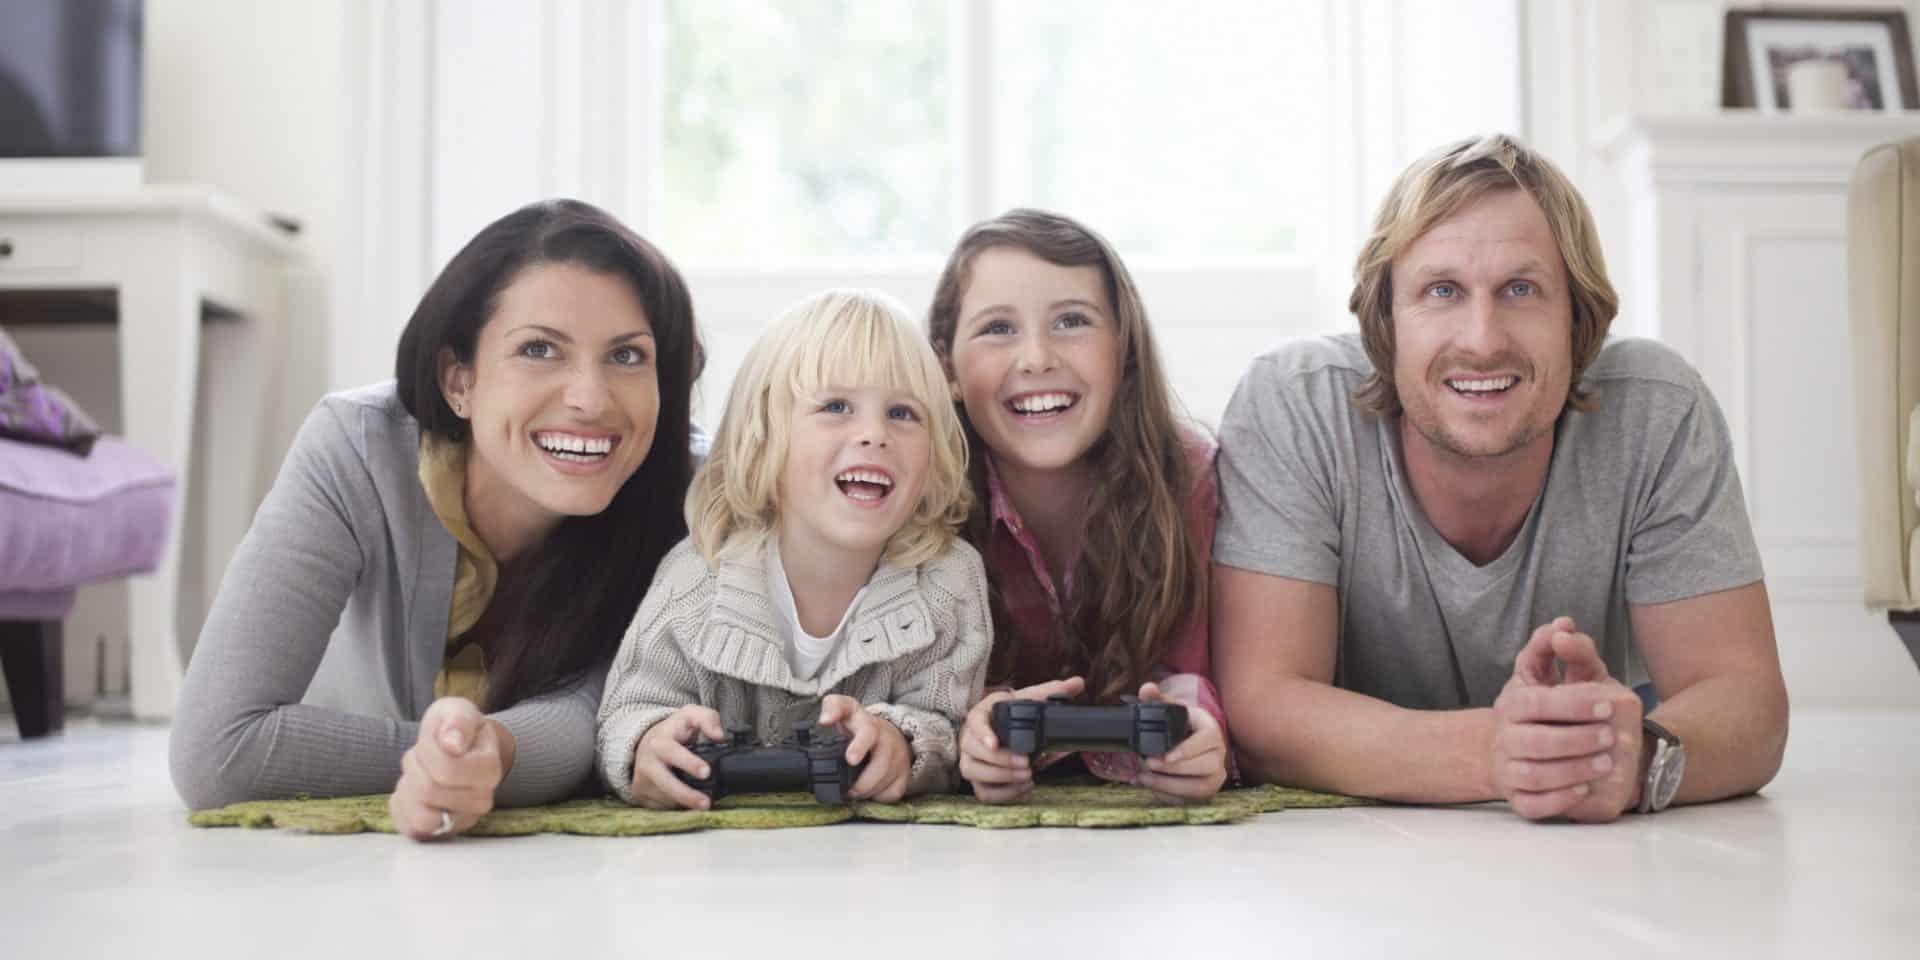 Bambini e videogiochi a che eta iniziare a giocare 01